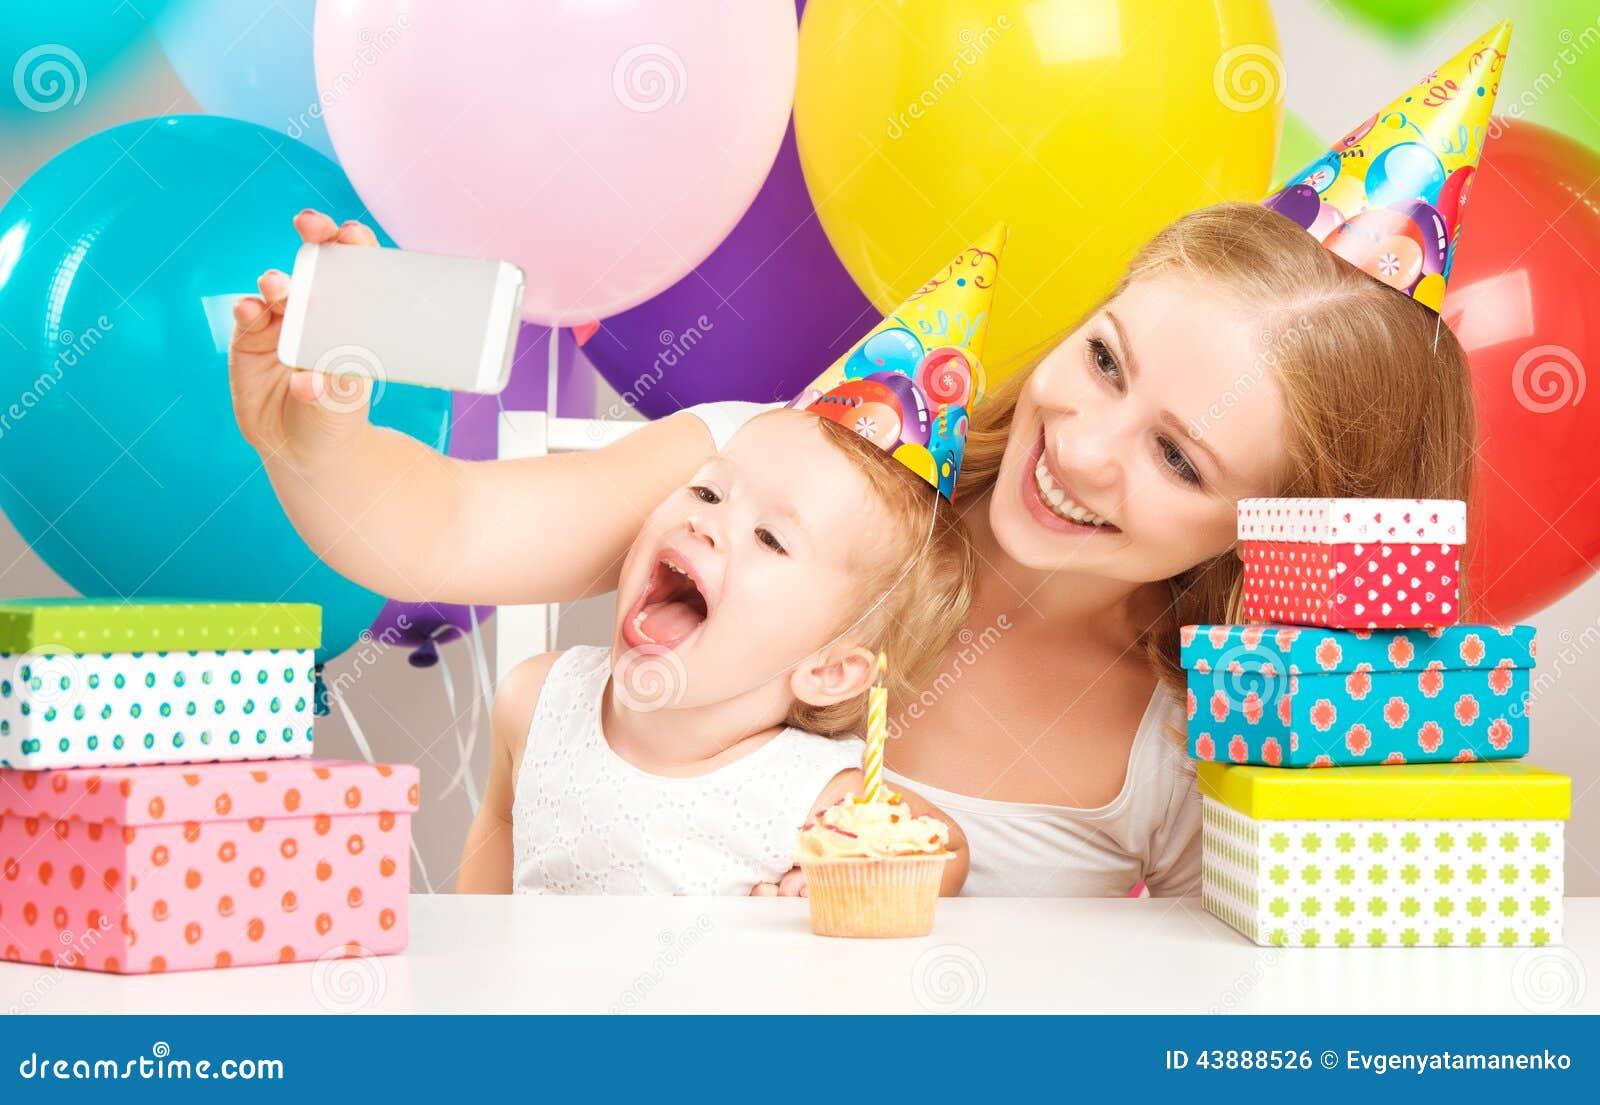 Joyeux anniversaire Selfie la mère a photographié sa fille l enfant d anniversaire avec des ballons, gâteau, cadeaux